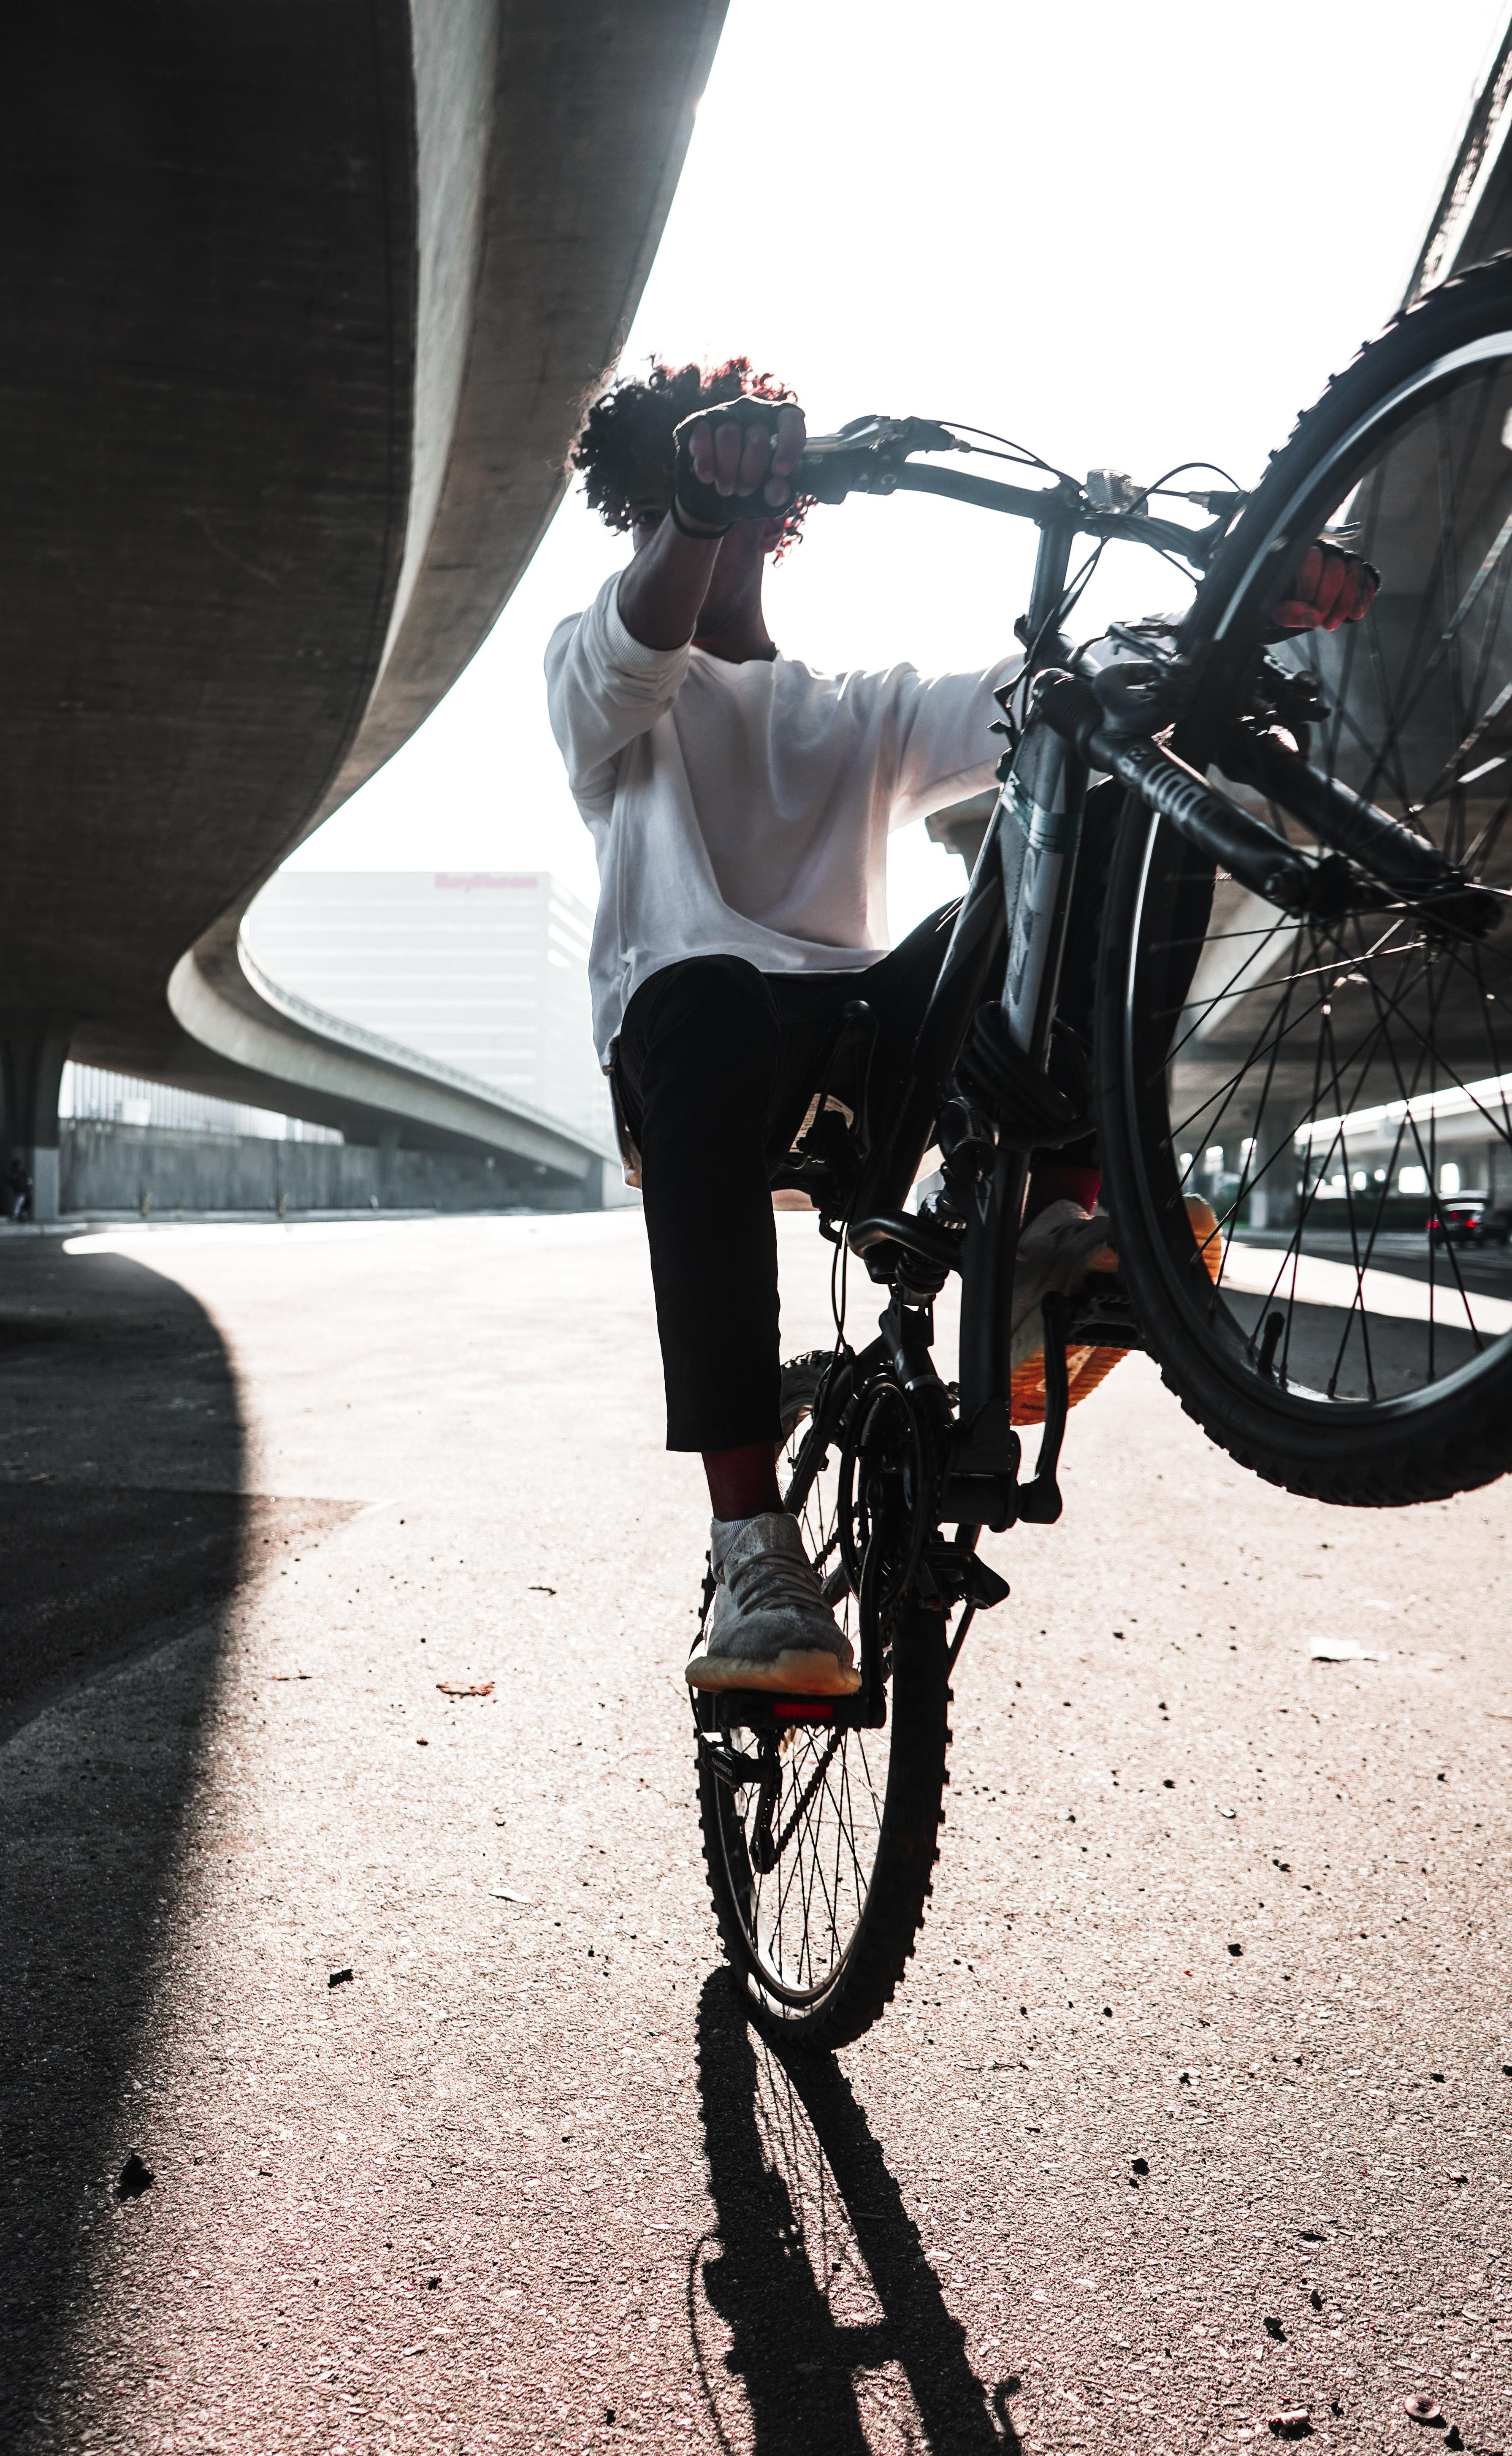 man riding hardtail bike during daytime